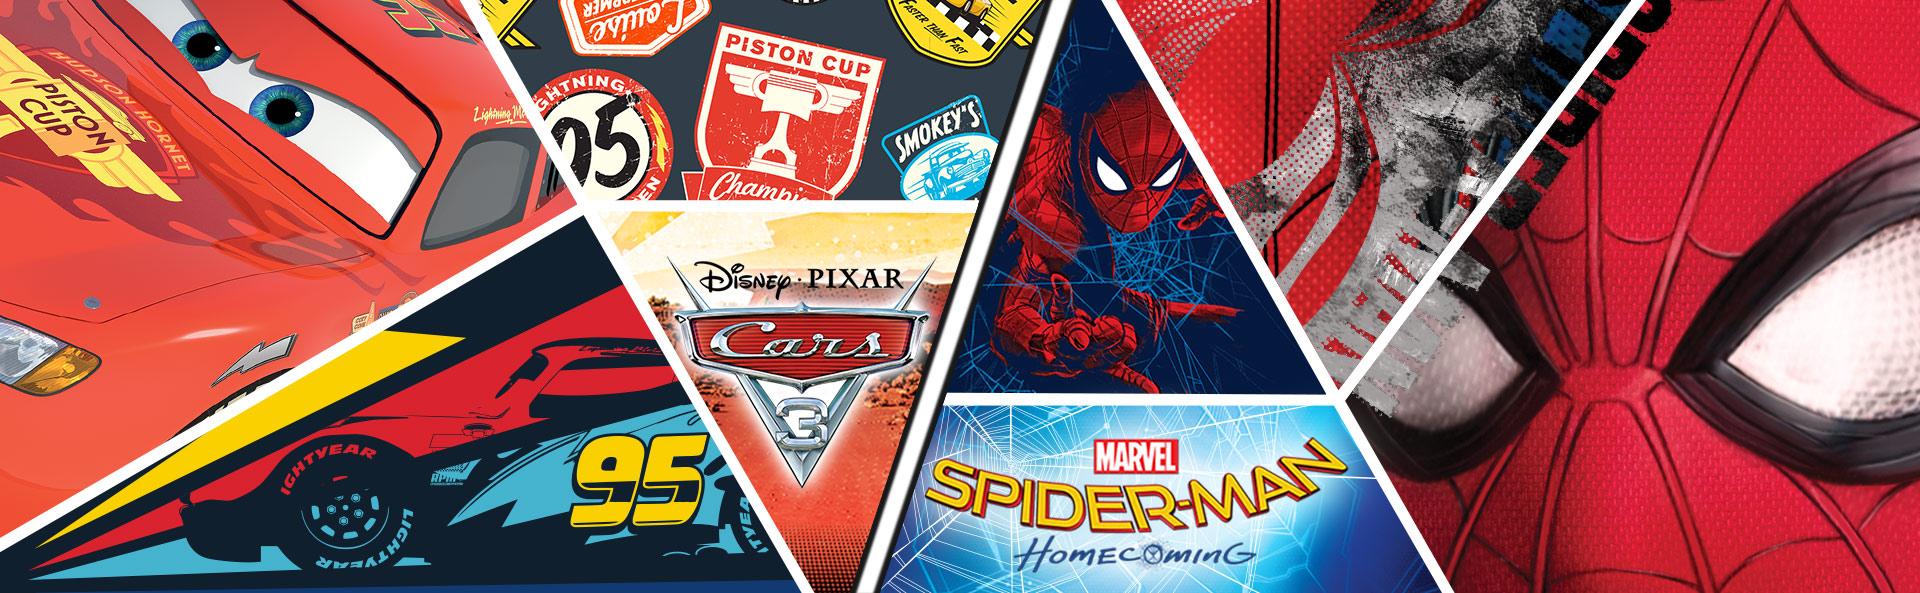 accessori zaini spiderman cars